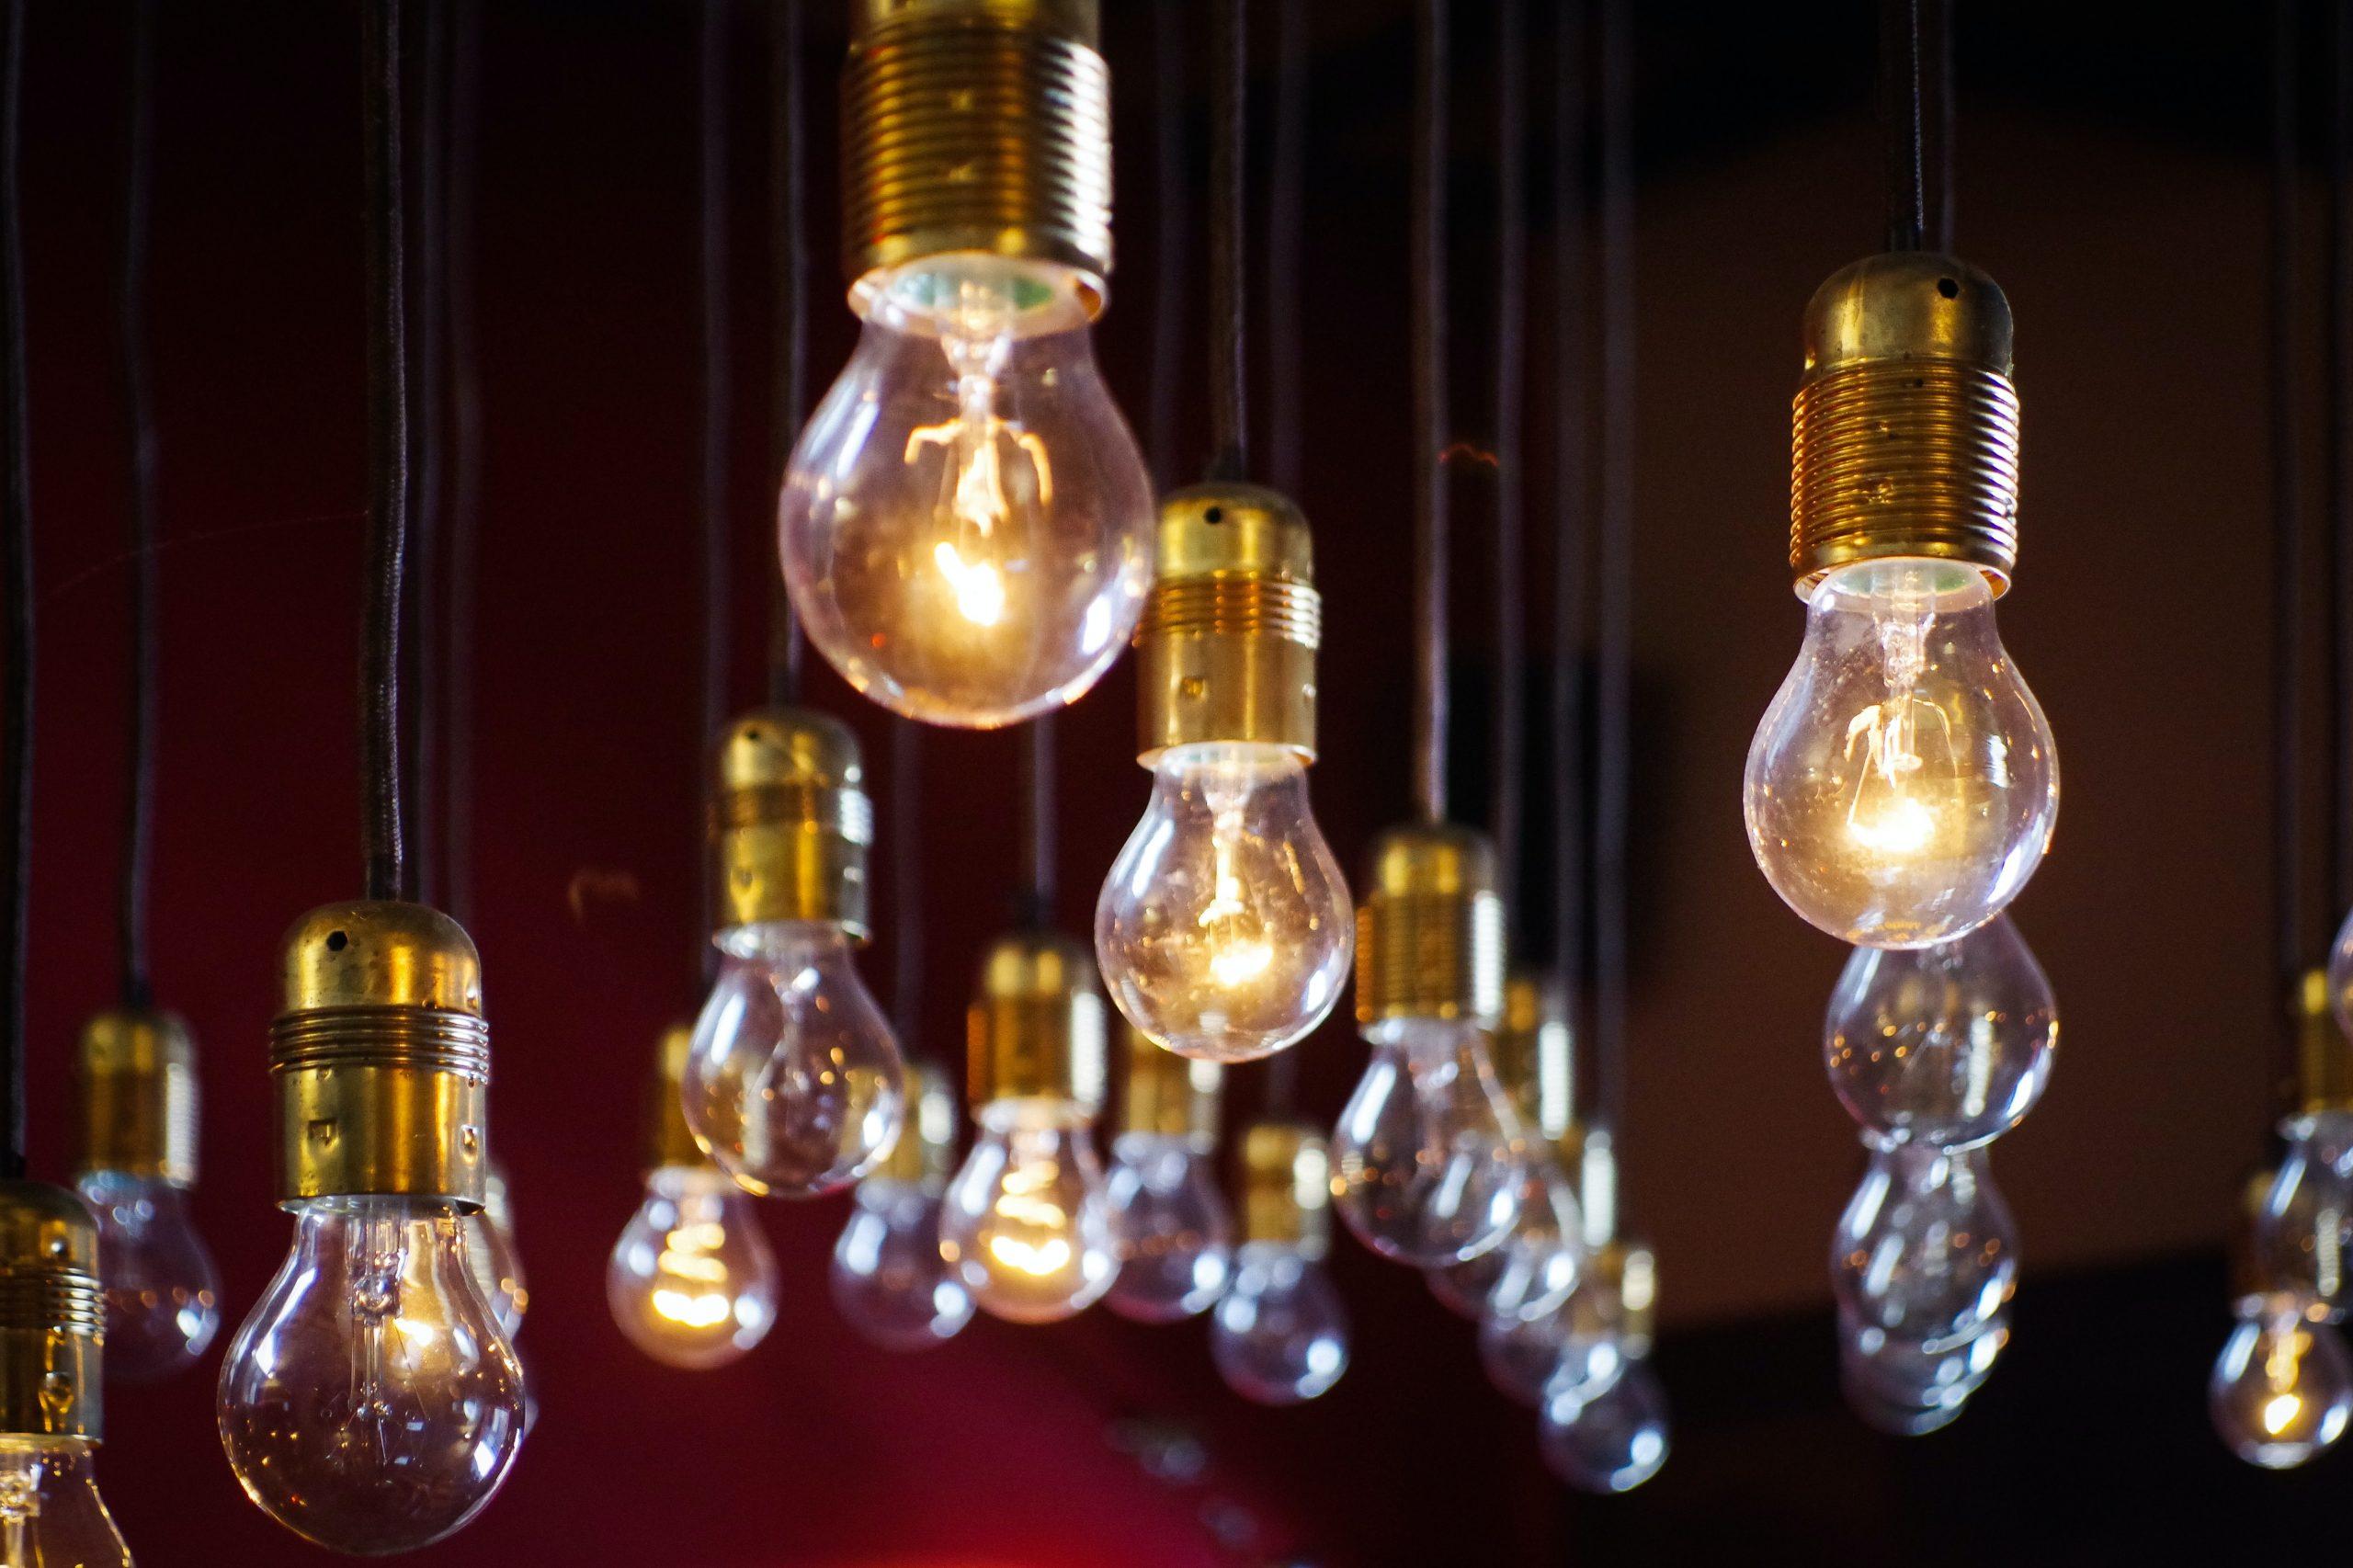 Facturile la electricitate ale românilor cu venituri sau consum mediu vor fi compensate de Guvern, spune Ministrul Energiei